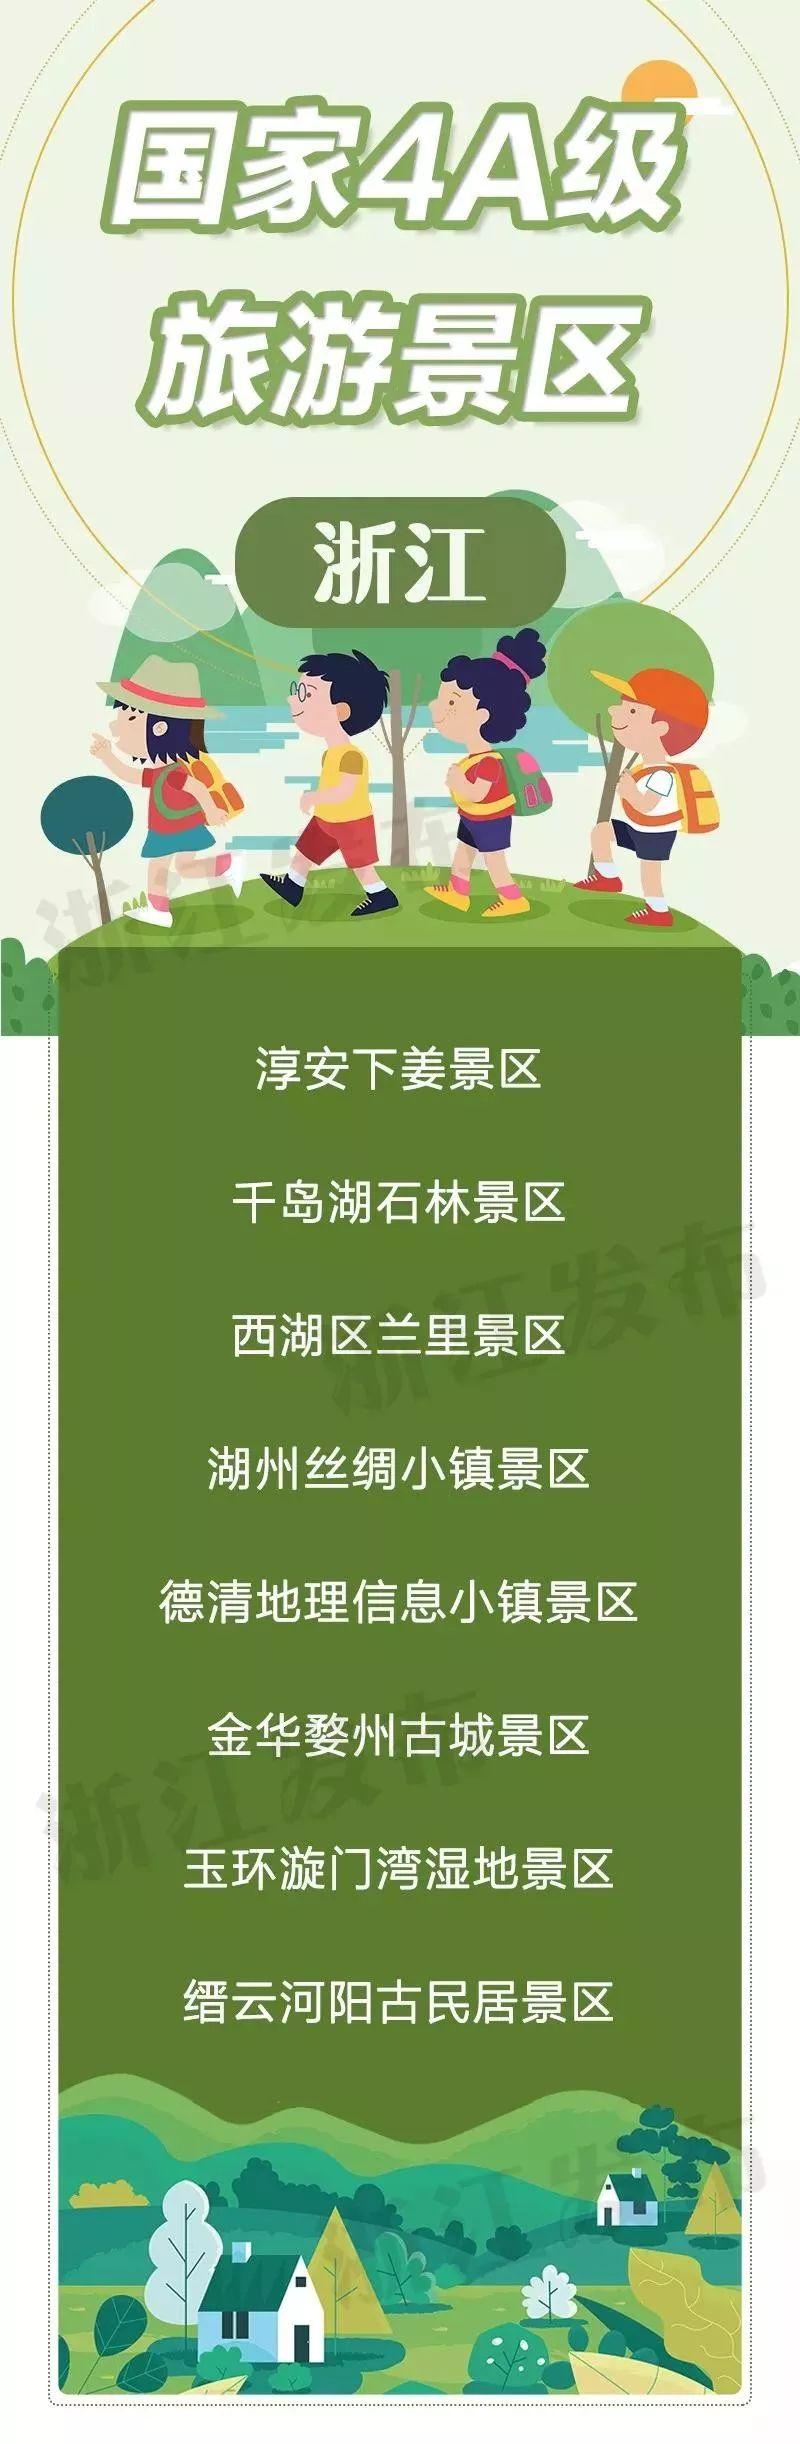 浙江新增8家国家4a级旅游景区,你去过几处?图片